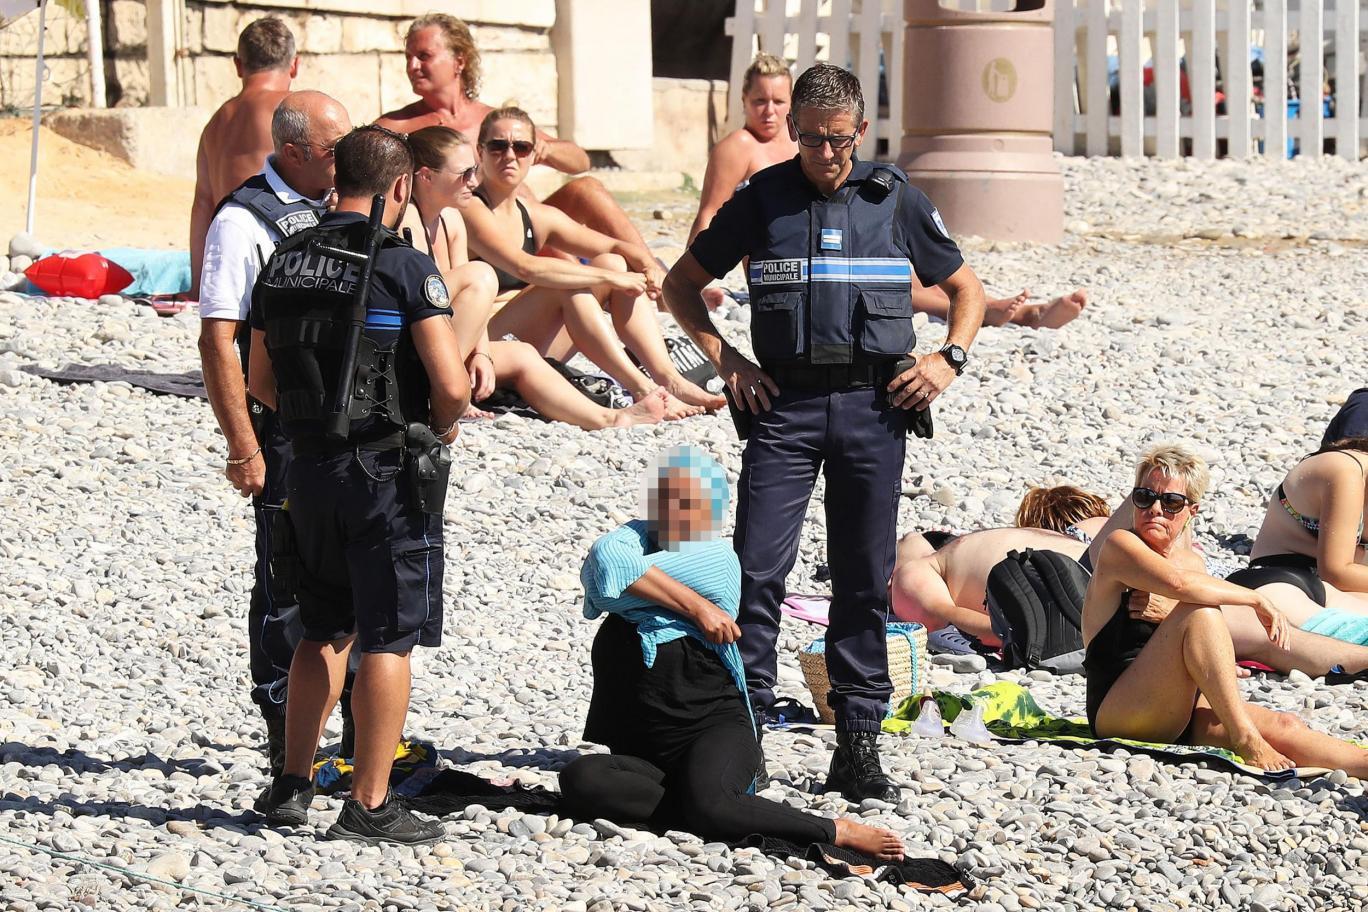 الصورة لإمرأة أجُبرت على خلع ملابسها في إحدى شواطئ «نيس» المصدر: الإندبندنت